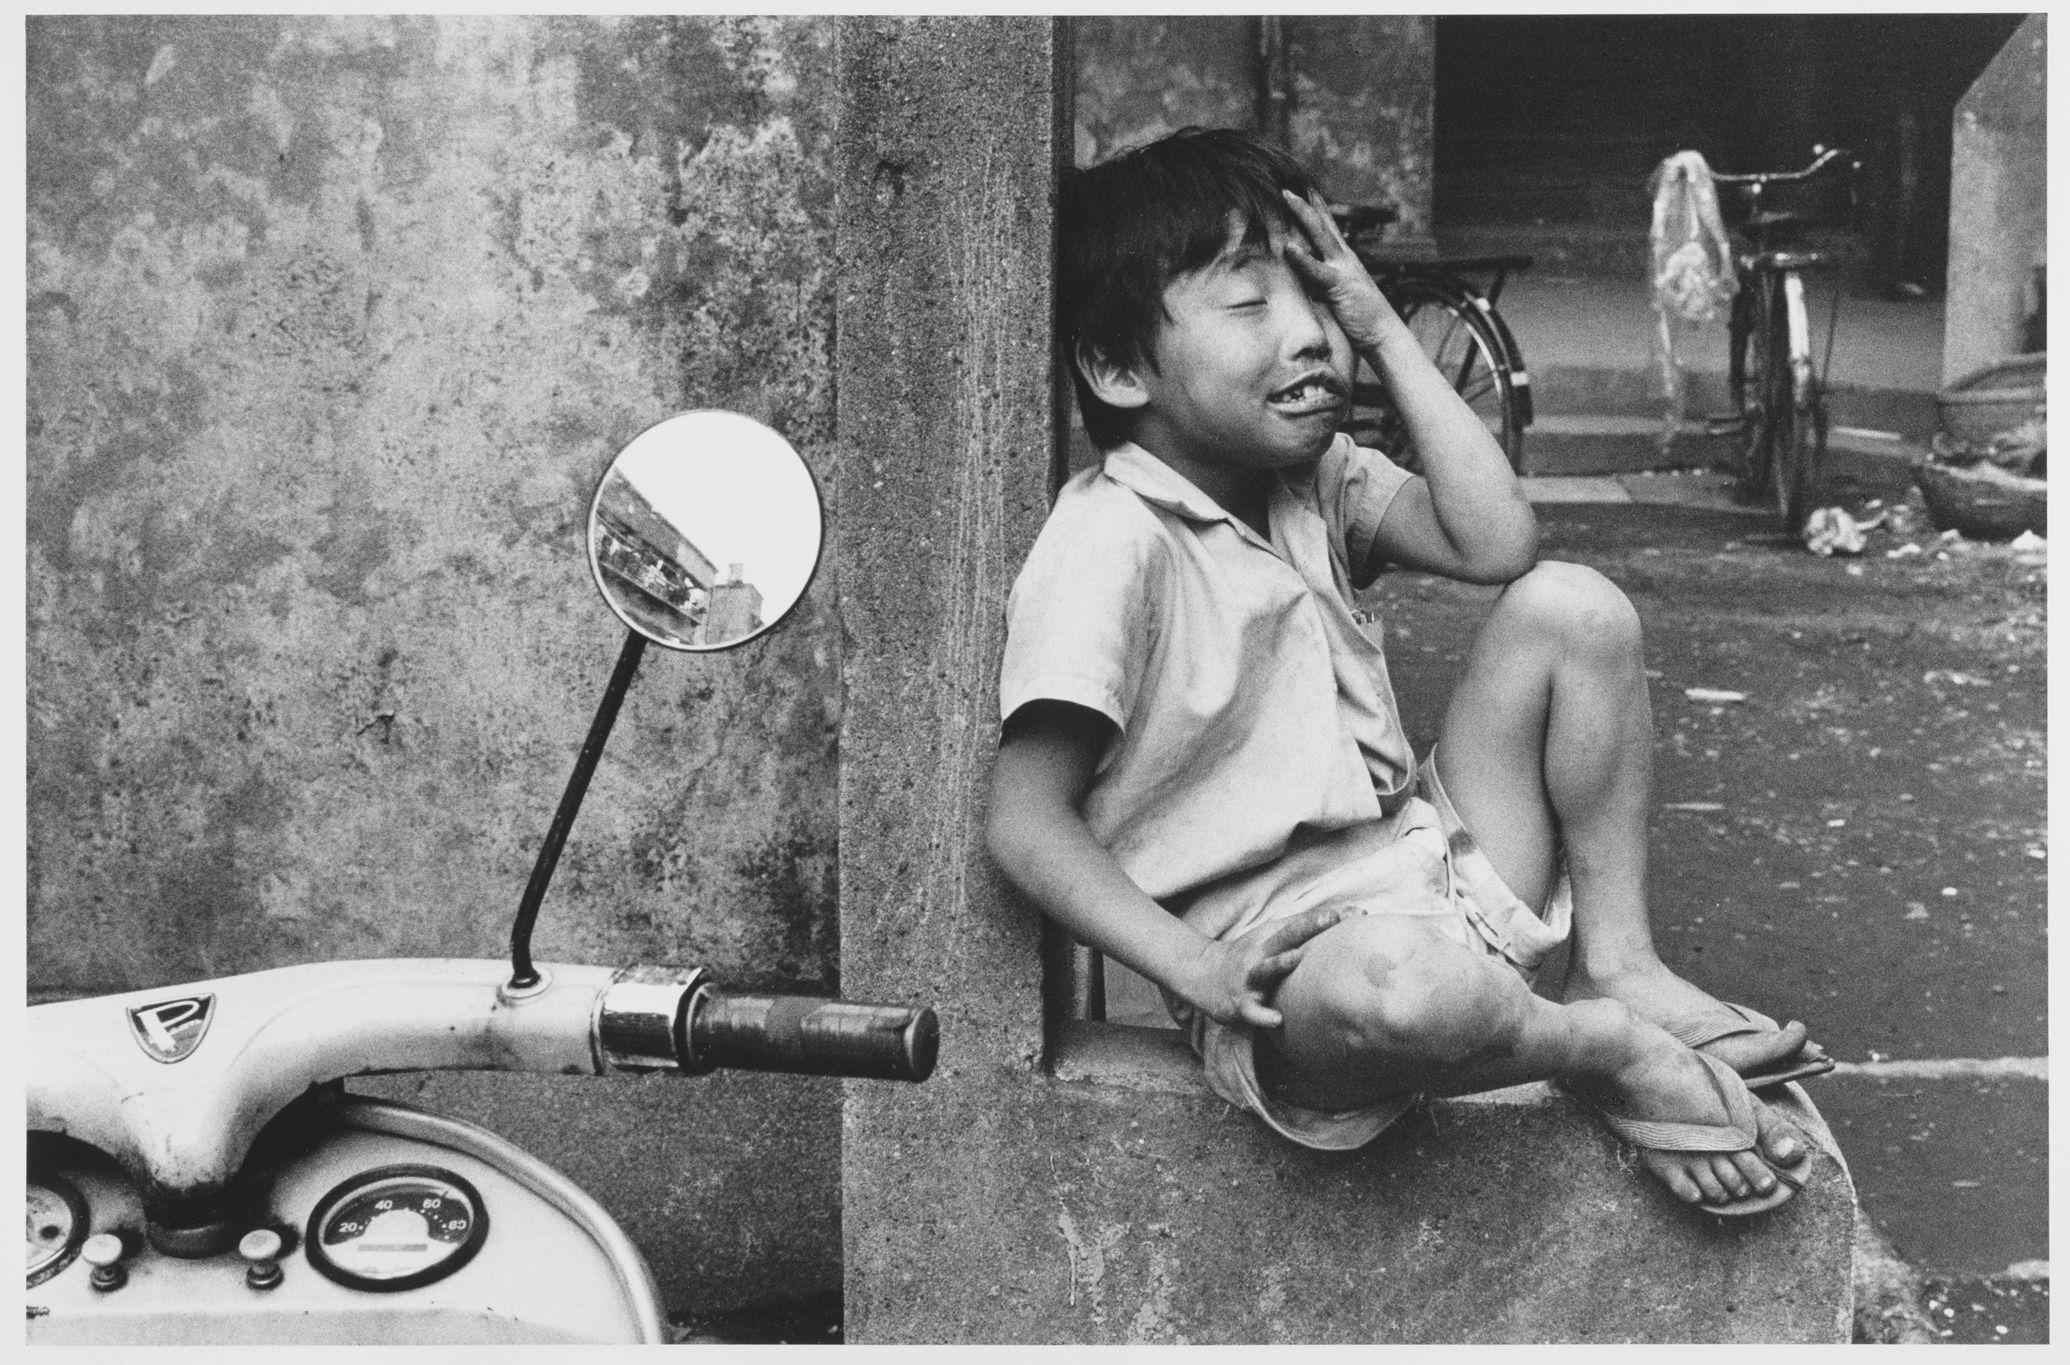 荒木経惟(日本、1940) 《さっちん》1962-63年 (C)Nobuyoshi Araki